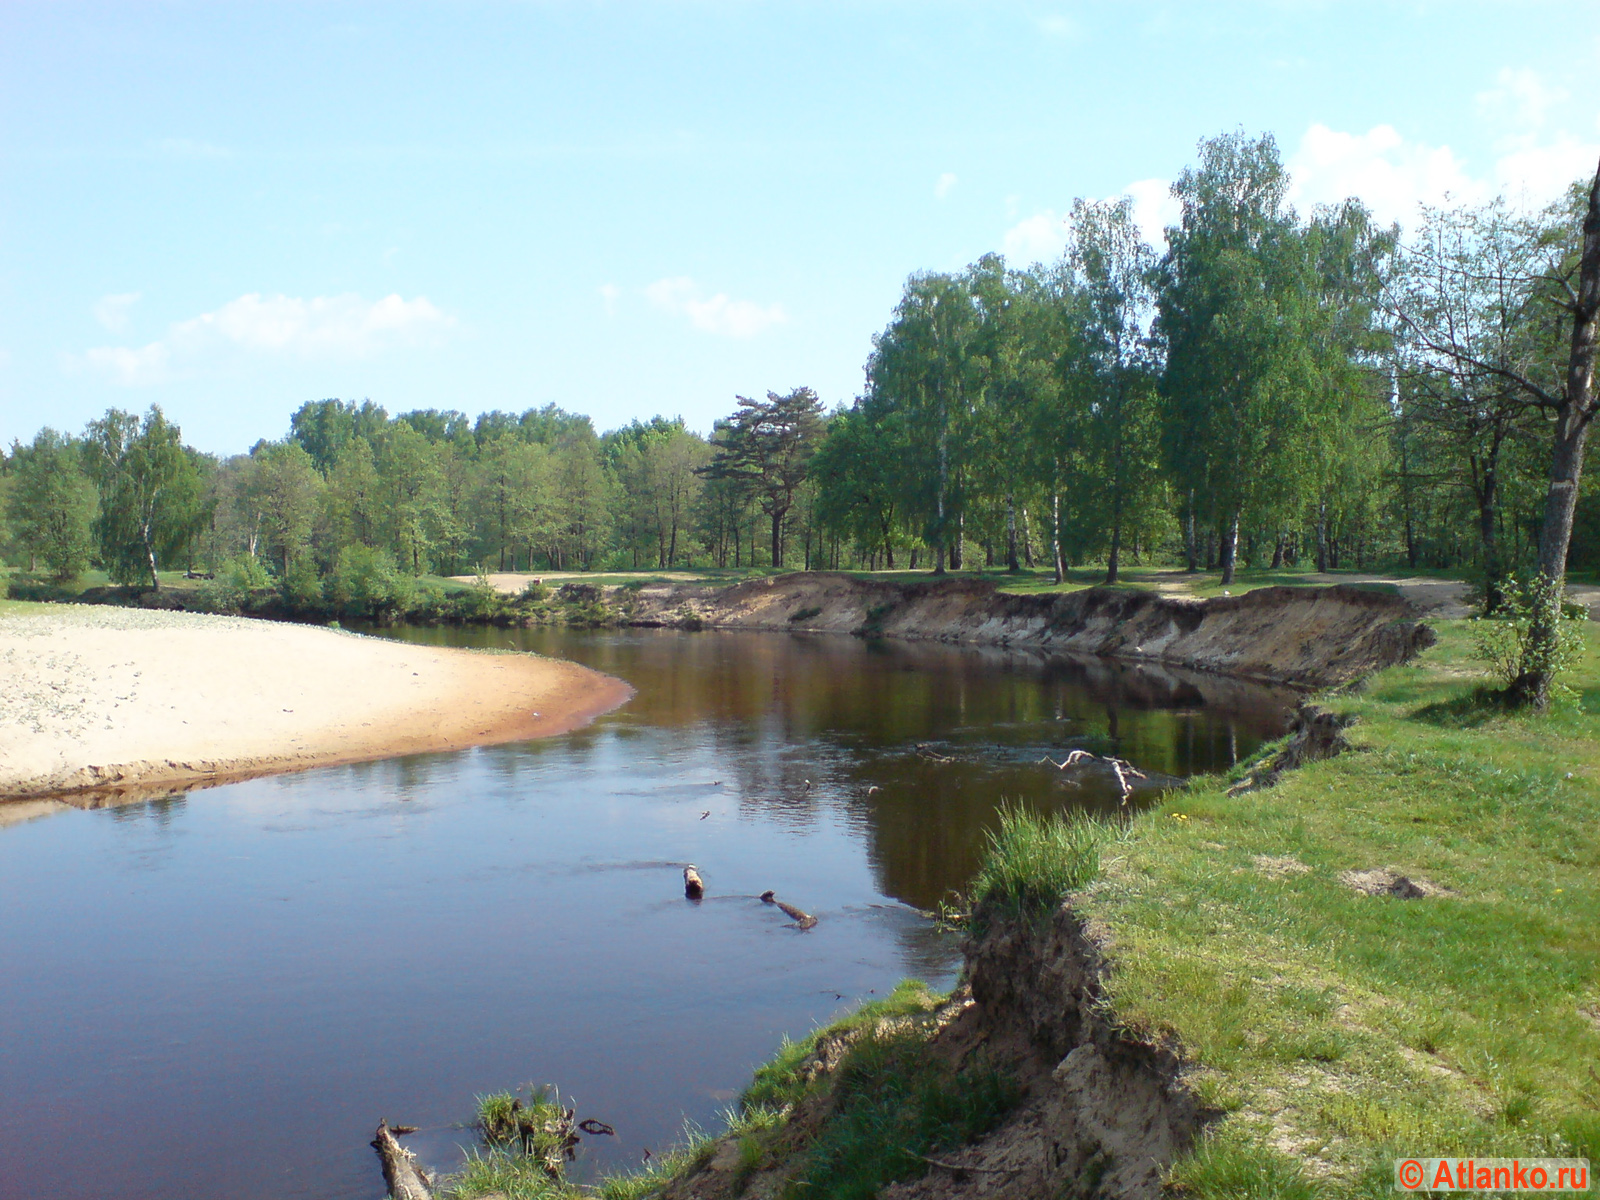 Лесная река в летний день. Фотография. На природе